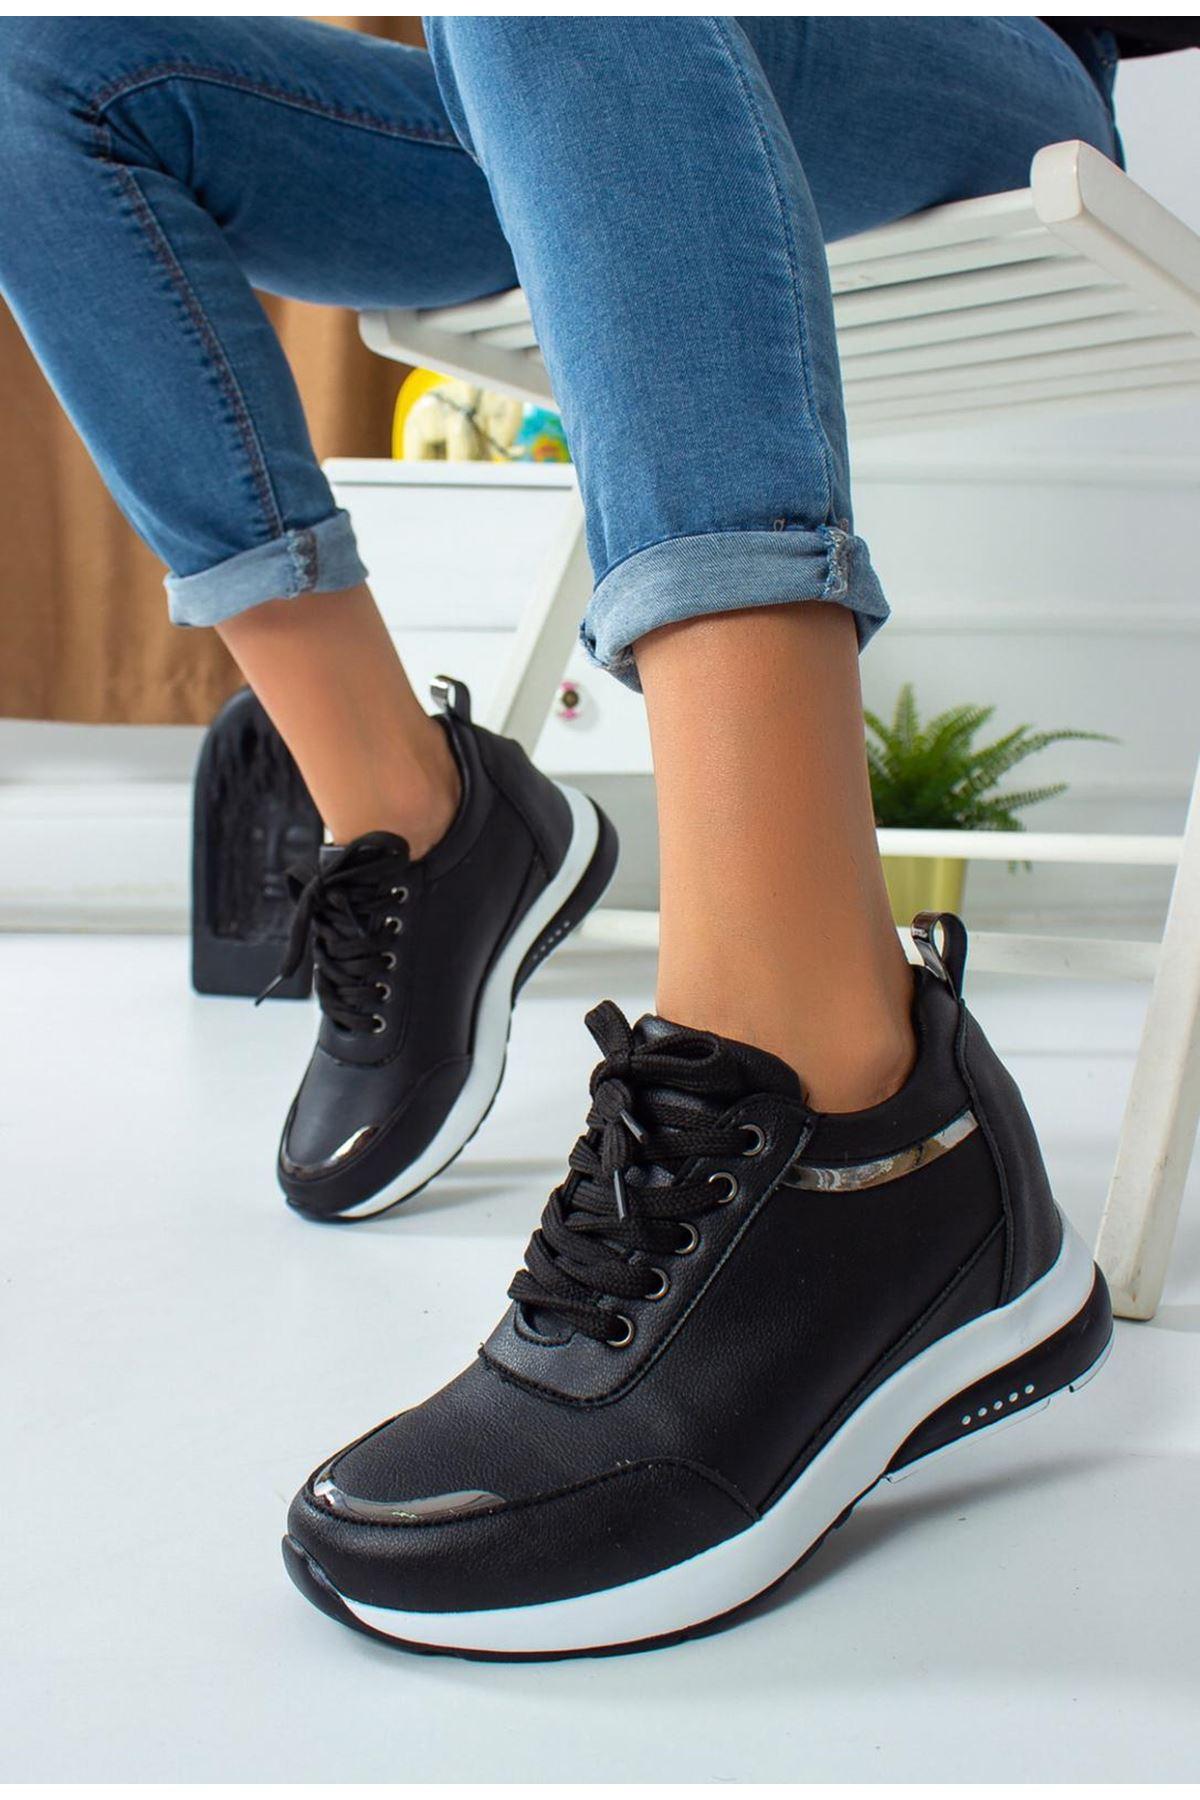 For514 Siyah Bağcık Detaylı Kadın Spor Ayakkabı